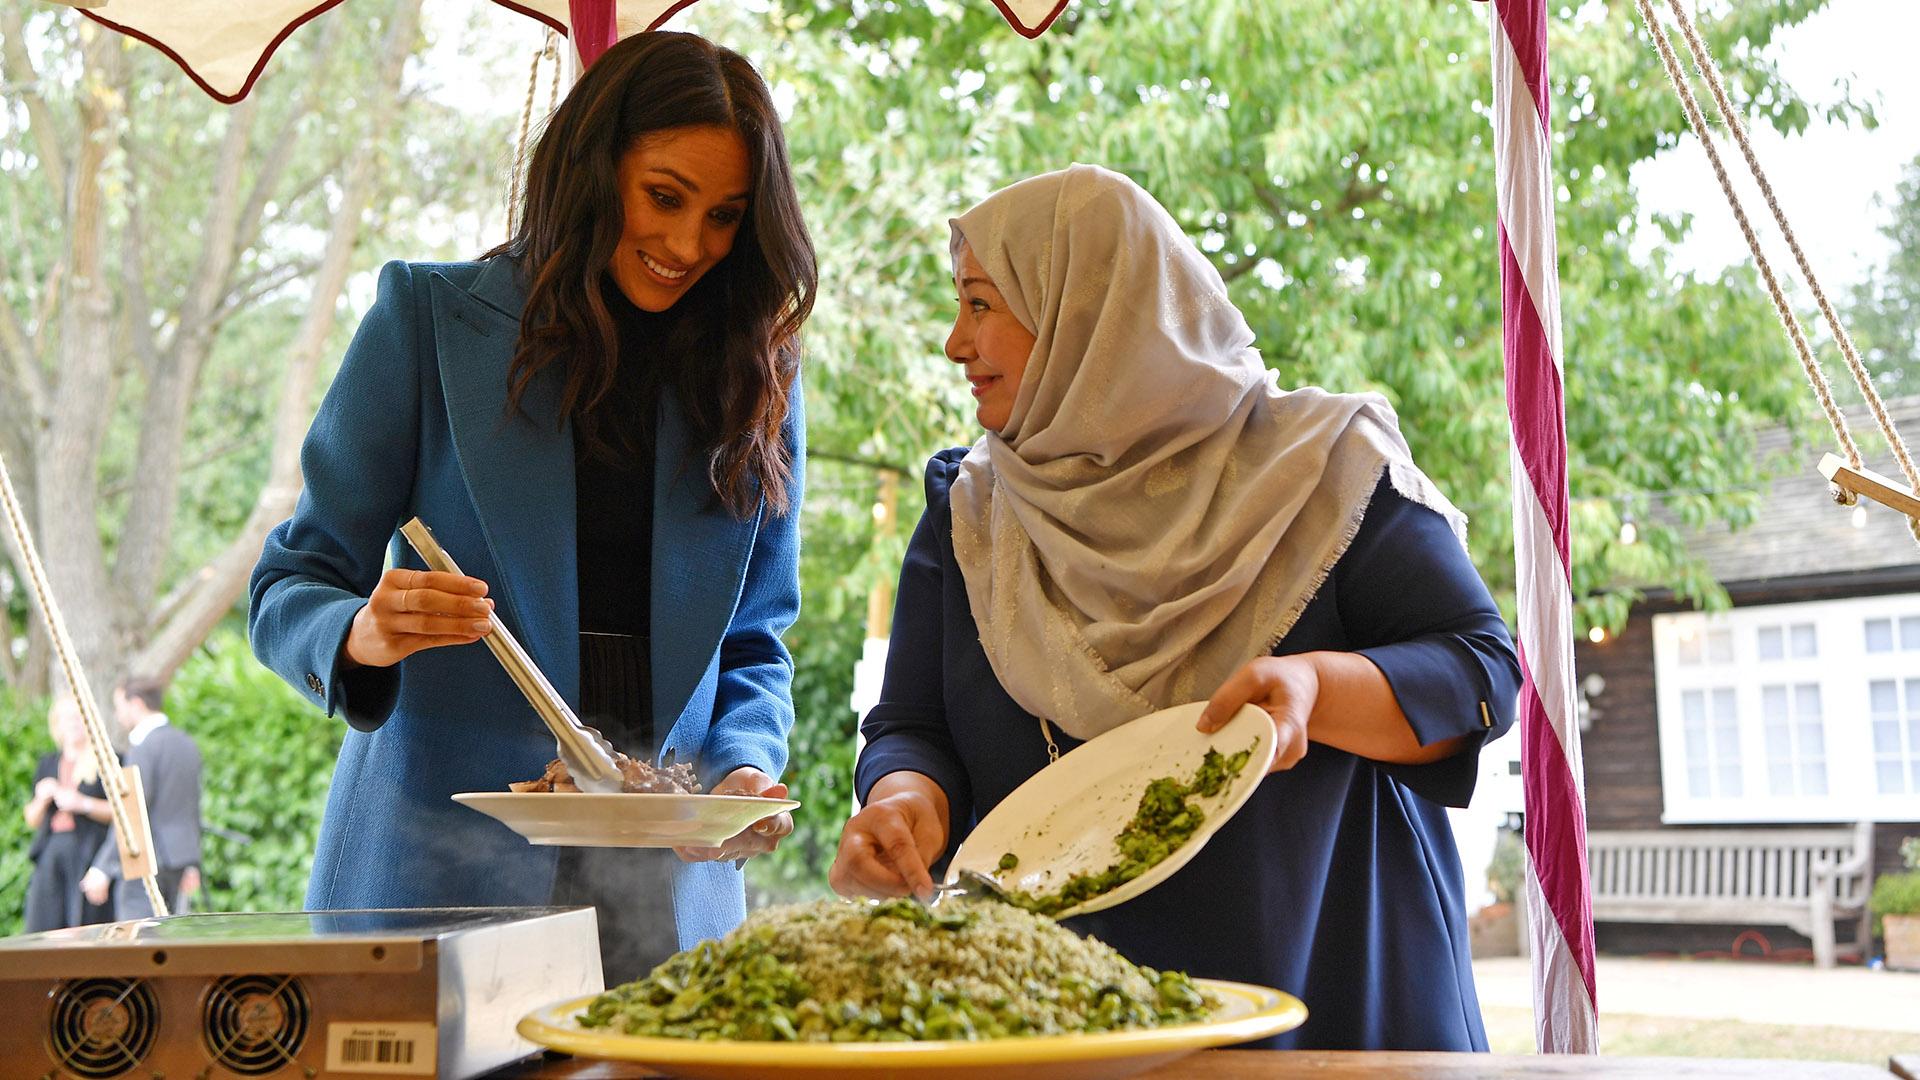 El libro de recetas se presentó en los jardines del Palacio de Kensington